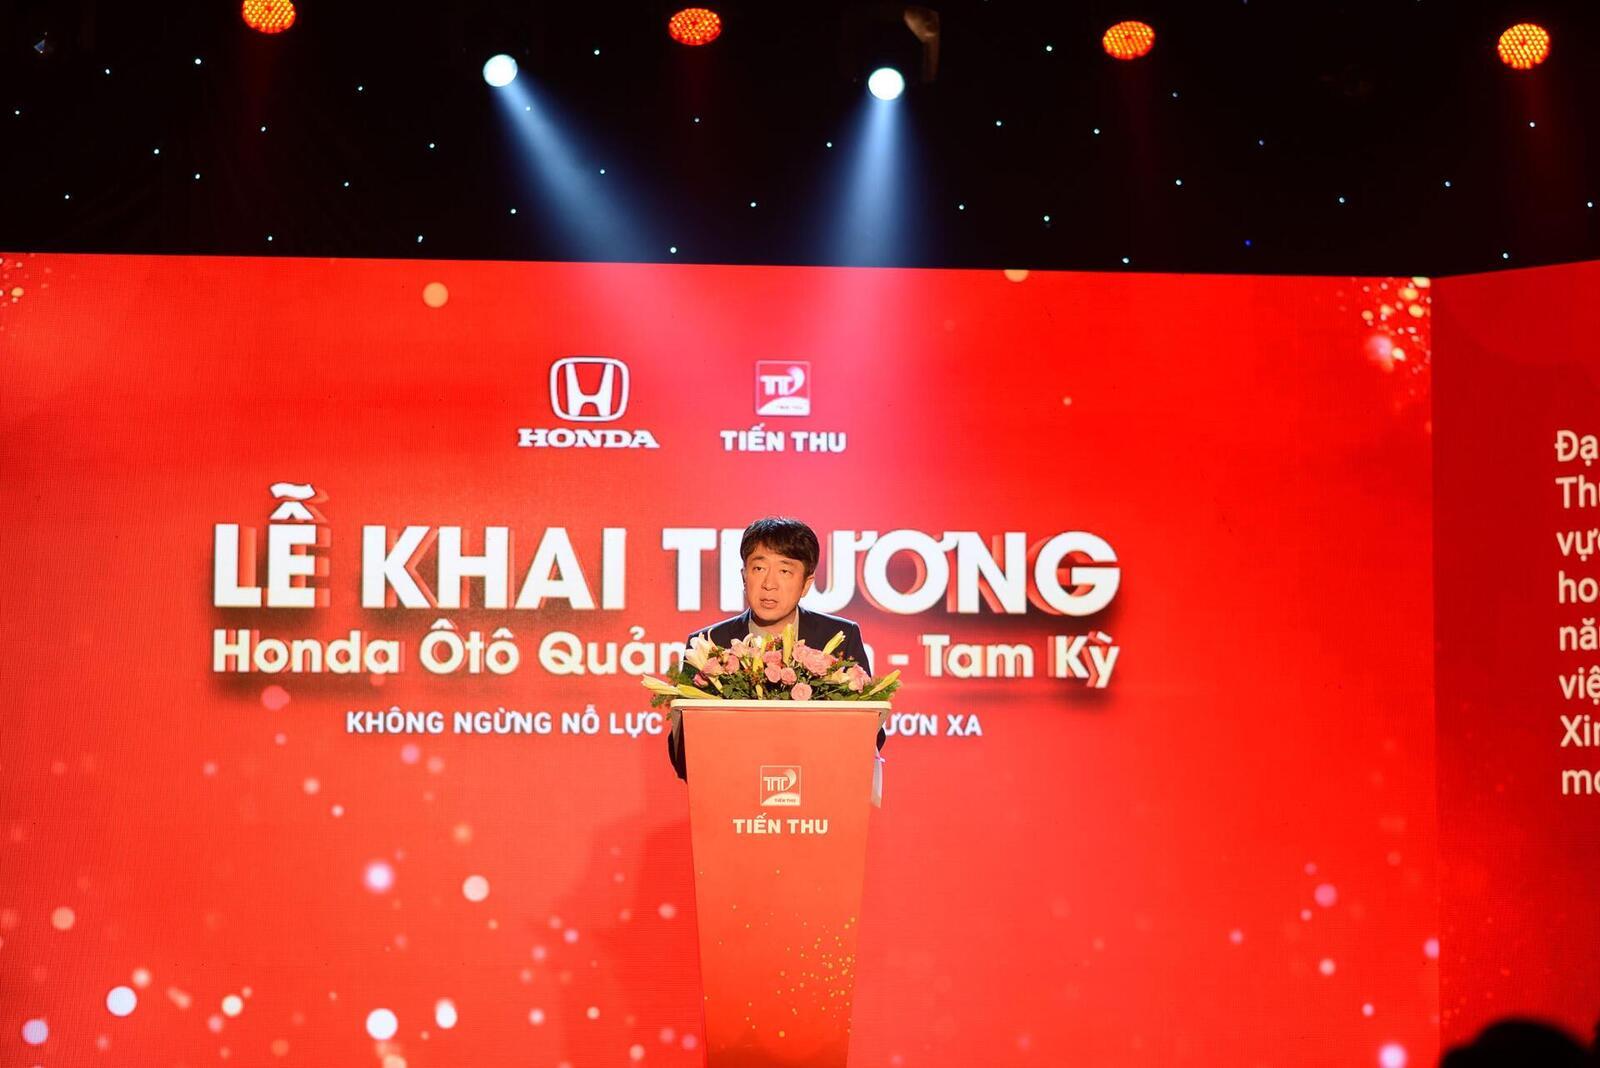 Honda Việt Nam khai trương đại lý tại Quảng Nam – Tam Kỳ, mở rộng thị trường khu vực miền Trung - Hình 4